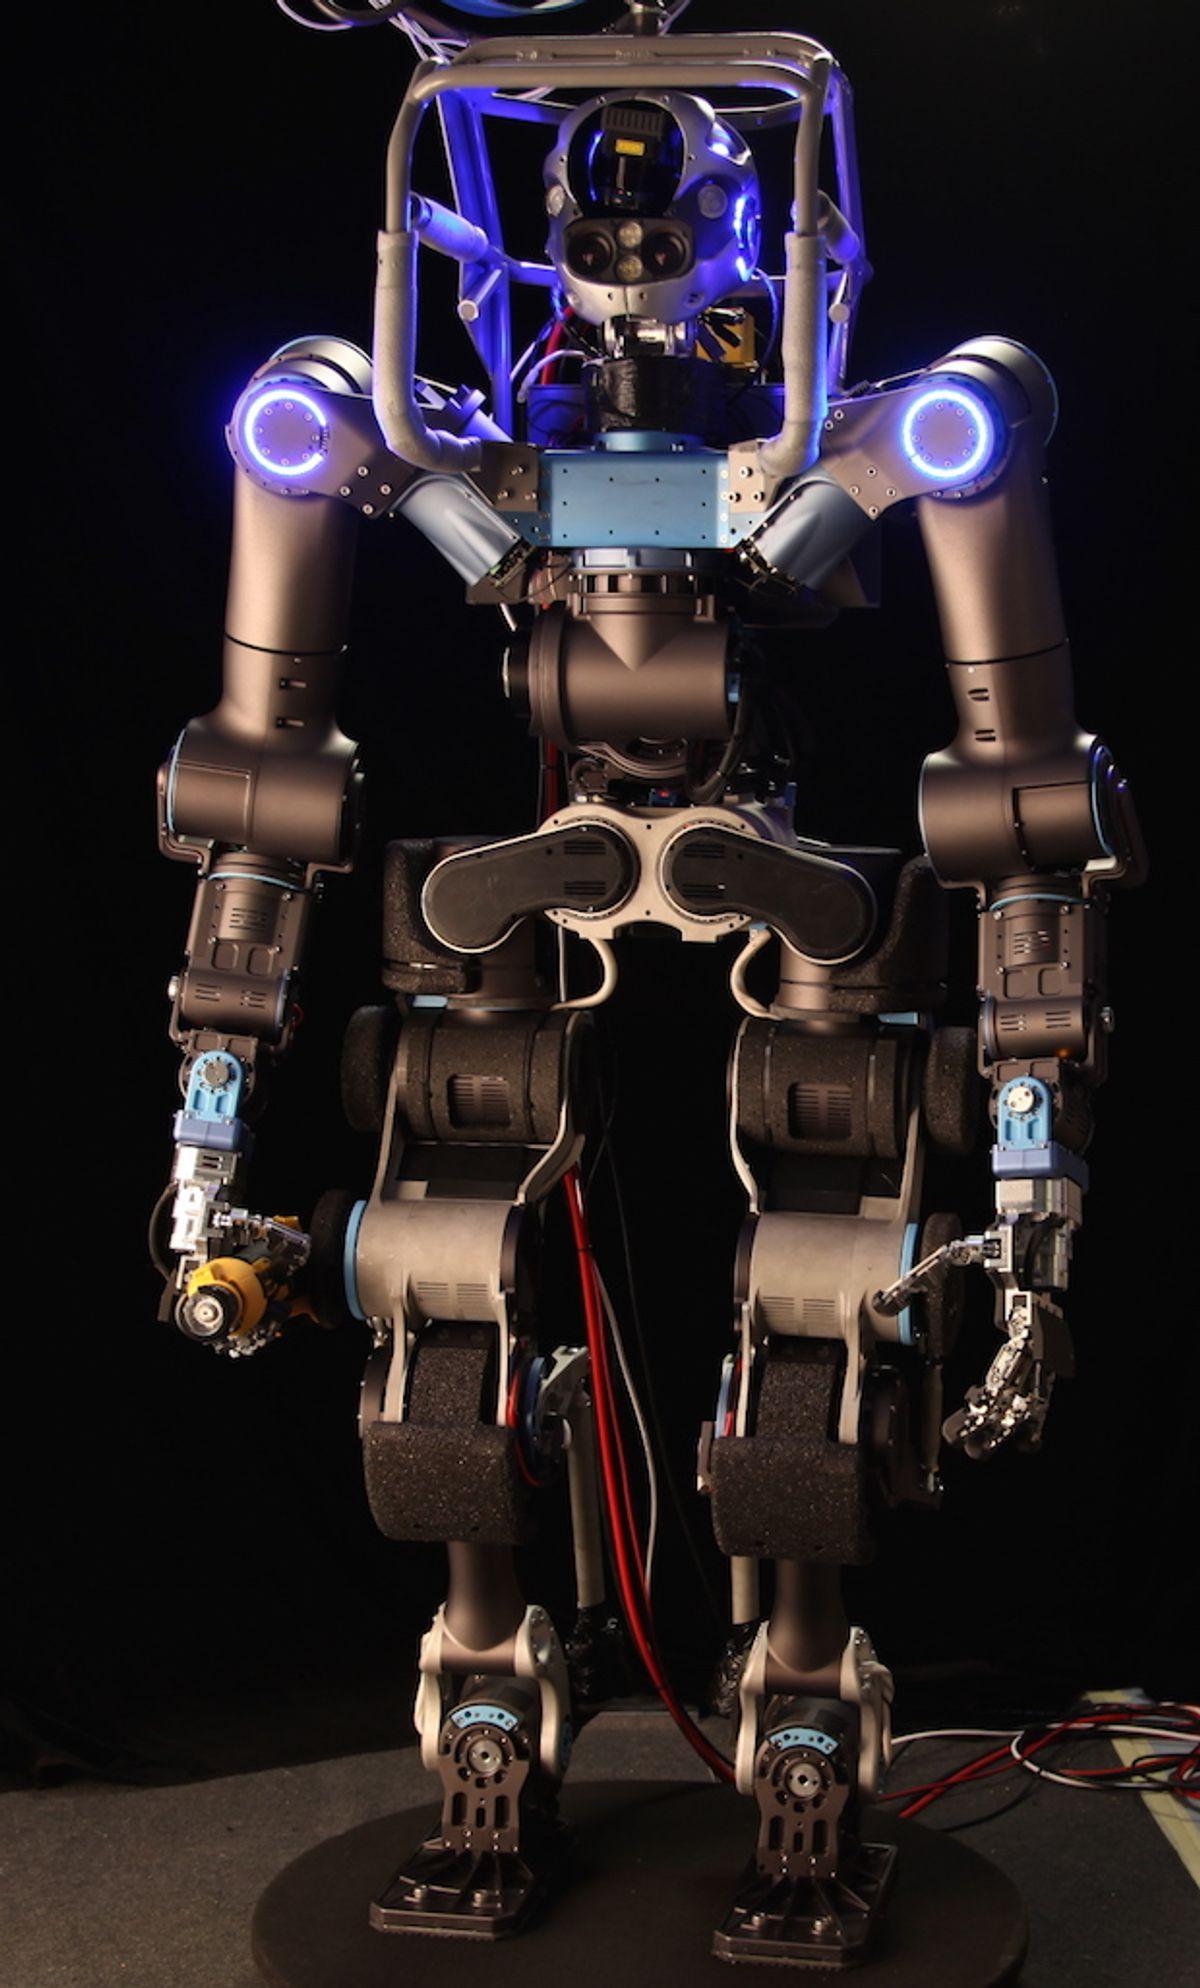 WALK-MAN Team Built Brand New, Highly Custom Robot for DRC Finals